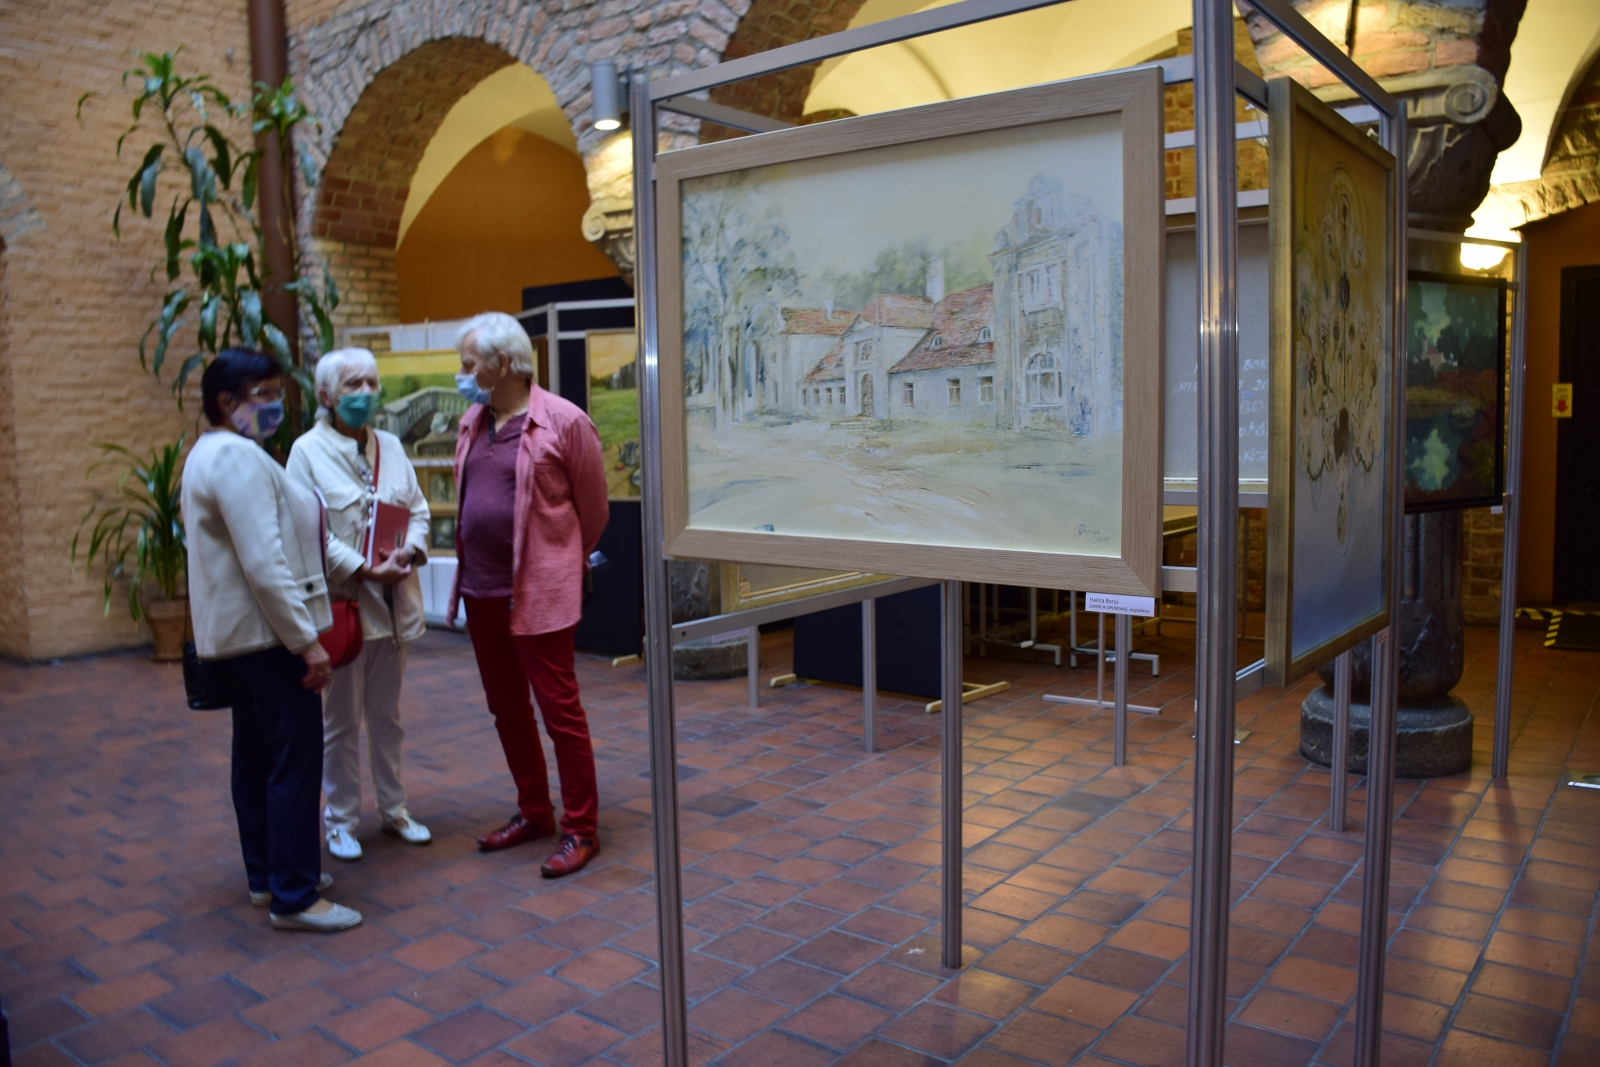 Na zdjęciu ukazany jest dziedziniec Muzeum Archeologicznego w Poznaniu, na którym ustawione zostały sztalugi z obrazami przedstawiającymi dwory i pałace. Dzieła są oglądane przez osoby uczestniczące w wernisażu.